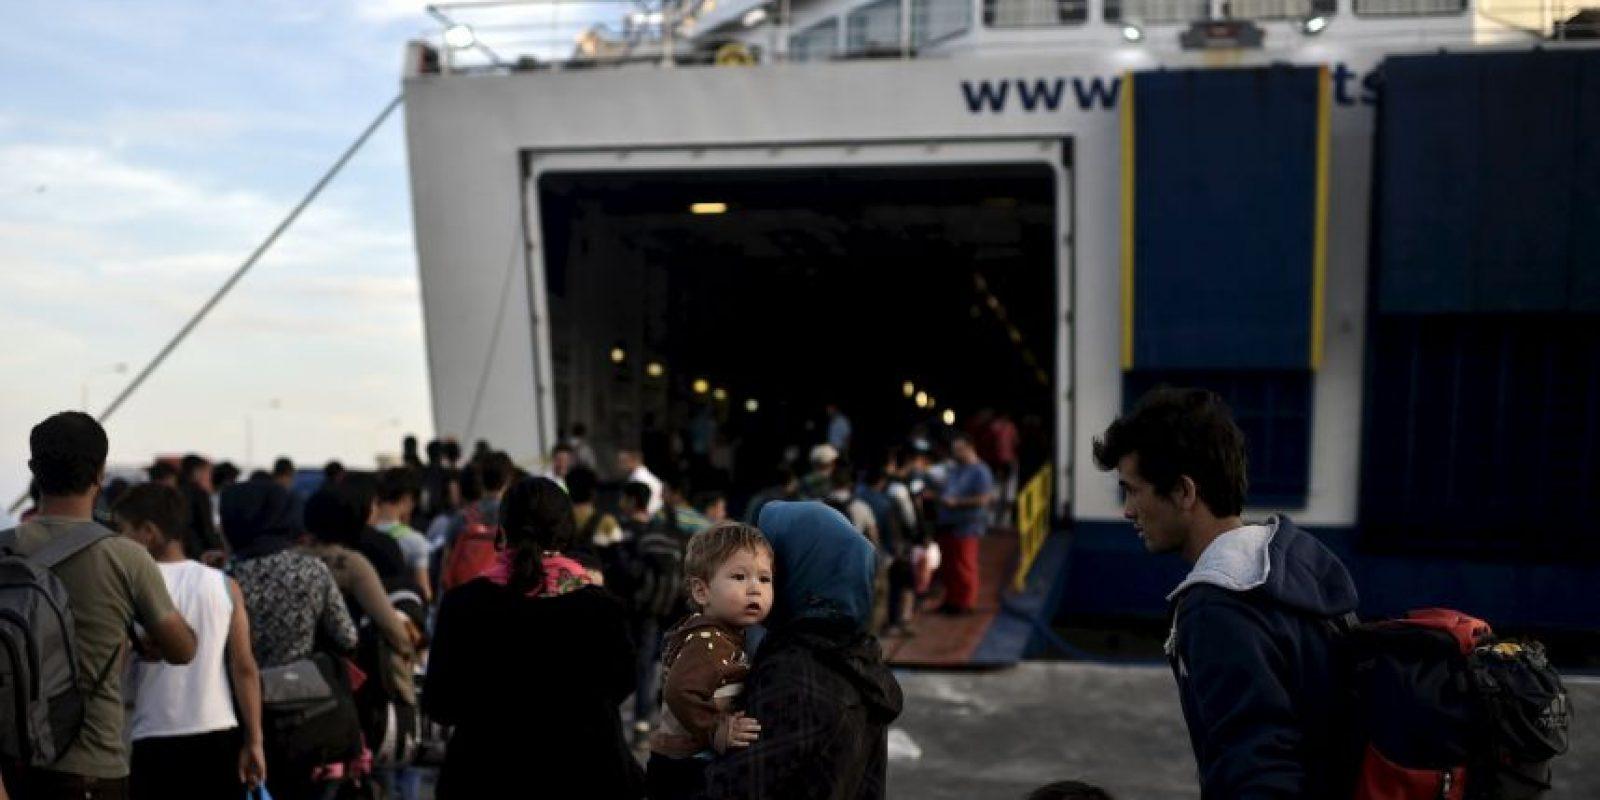 Muchas de estas personas arriesgan su vida para escapar de las difíciles situaciones en su país. Foto:AFP